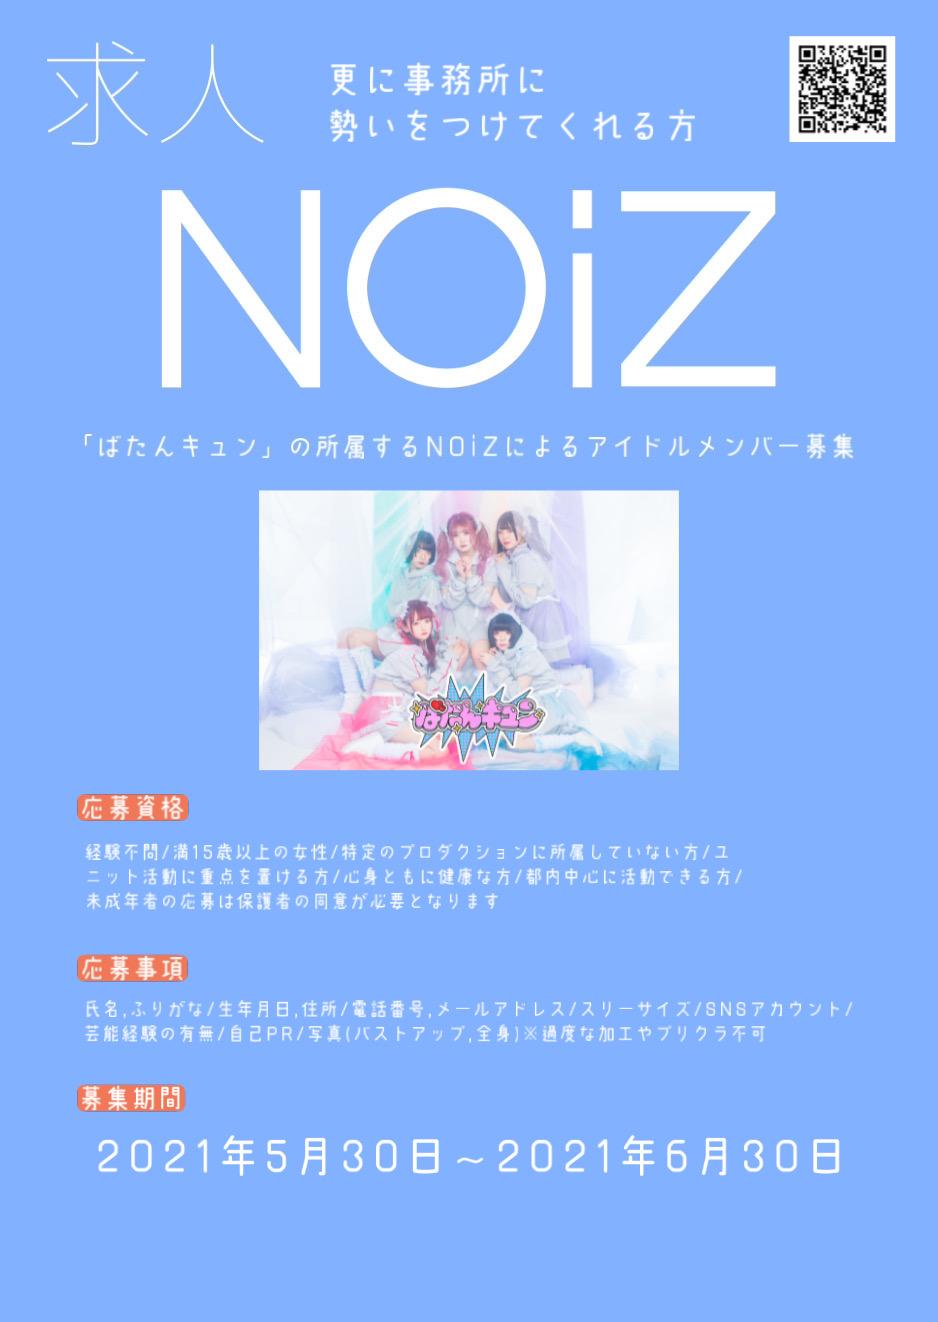 オーディション ばたんキュン所属 NOiZによるアイドルオーディション 主催:NOiZ、カテゴリ:アイドル(元気系)